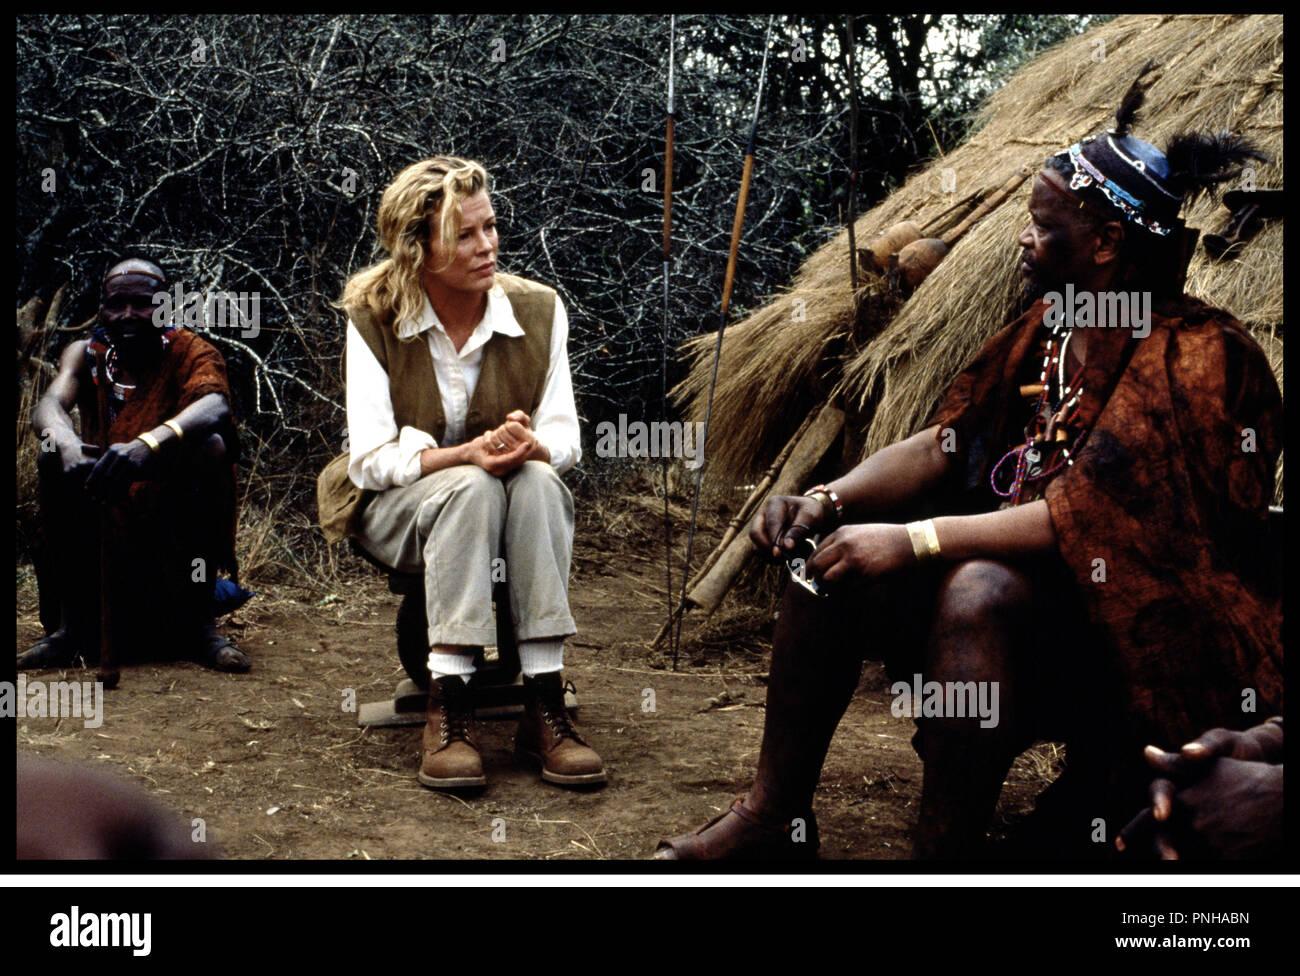 Prod DB © Columbia / DR JE RæVAIS DE L'AFRIQUE (I DREAMED OF AFRICA) de Hugh Hudson 2000 USA avec Kim Bassinger  chef traditionnel, palabre, touriste, otage d'aprs le roman de Kuli Gallmann - Stock Image